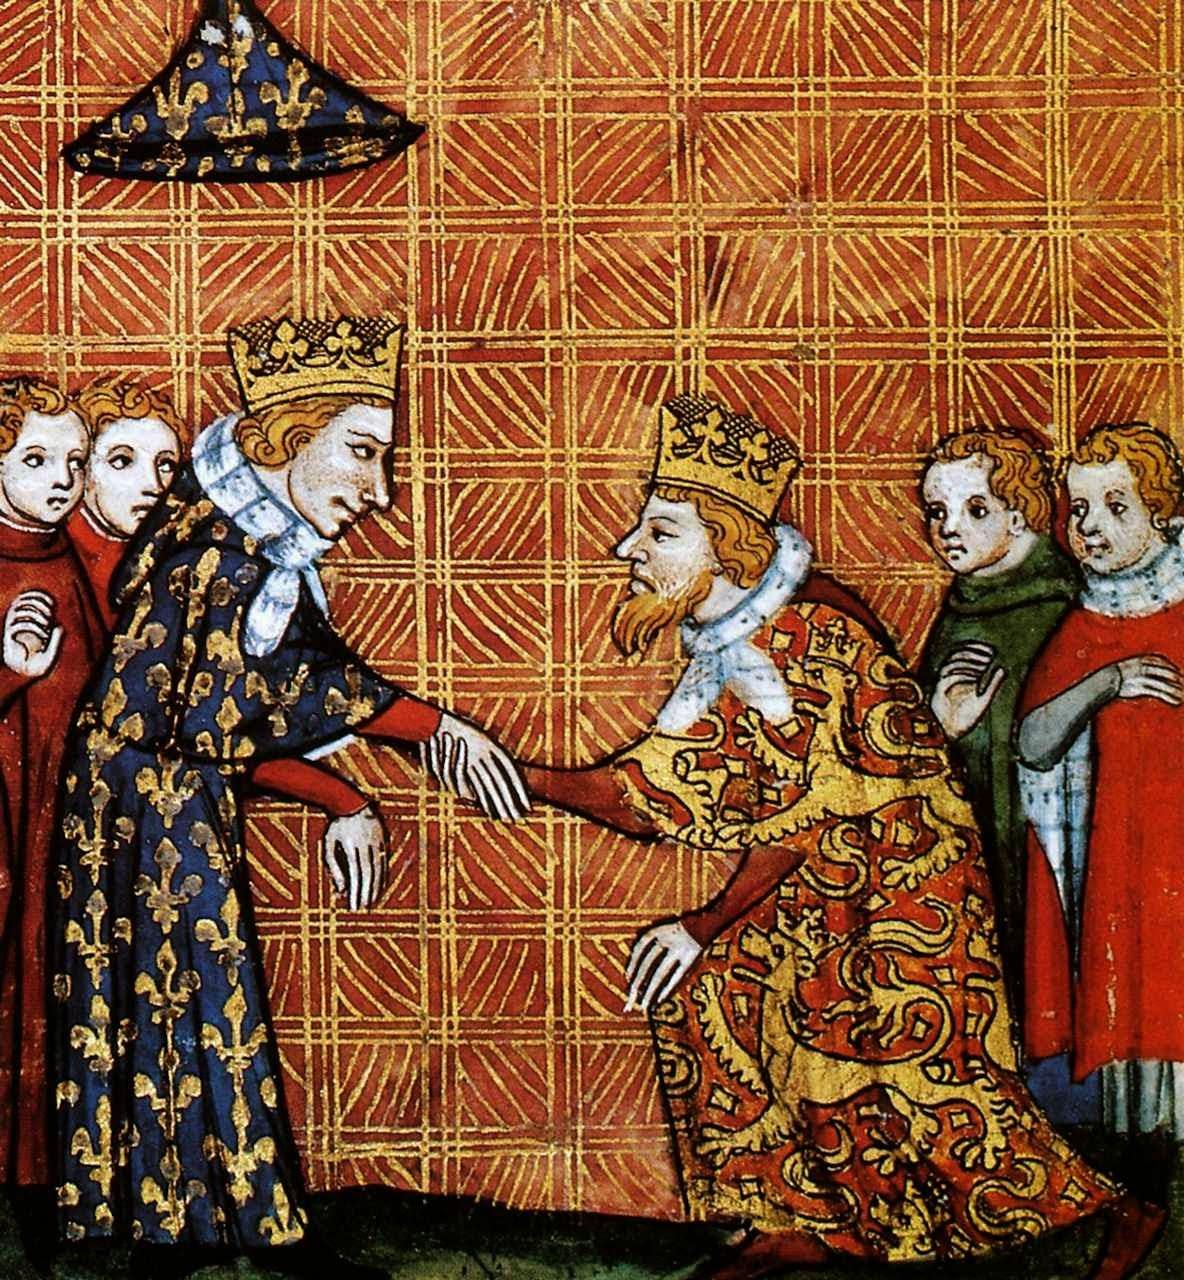 São Luís recebe a vassalagem de Henrique III, rei da Inglaterra